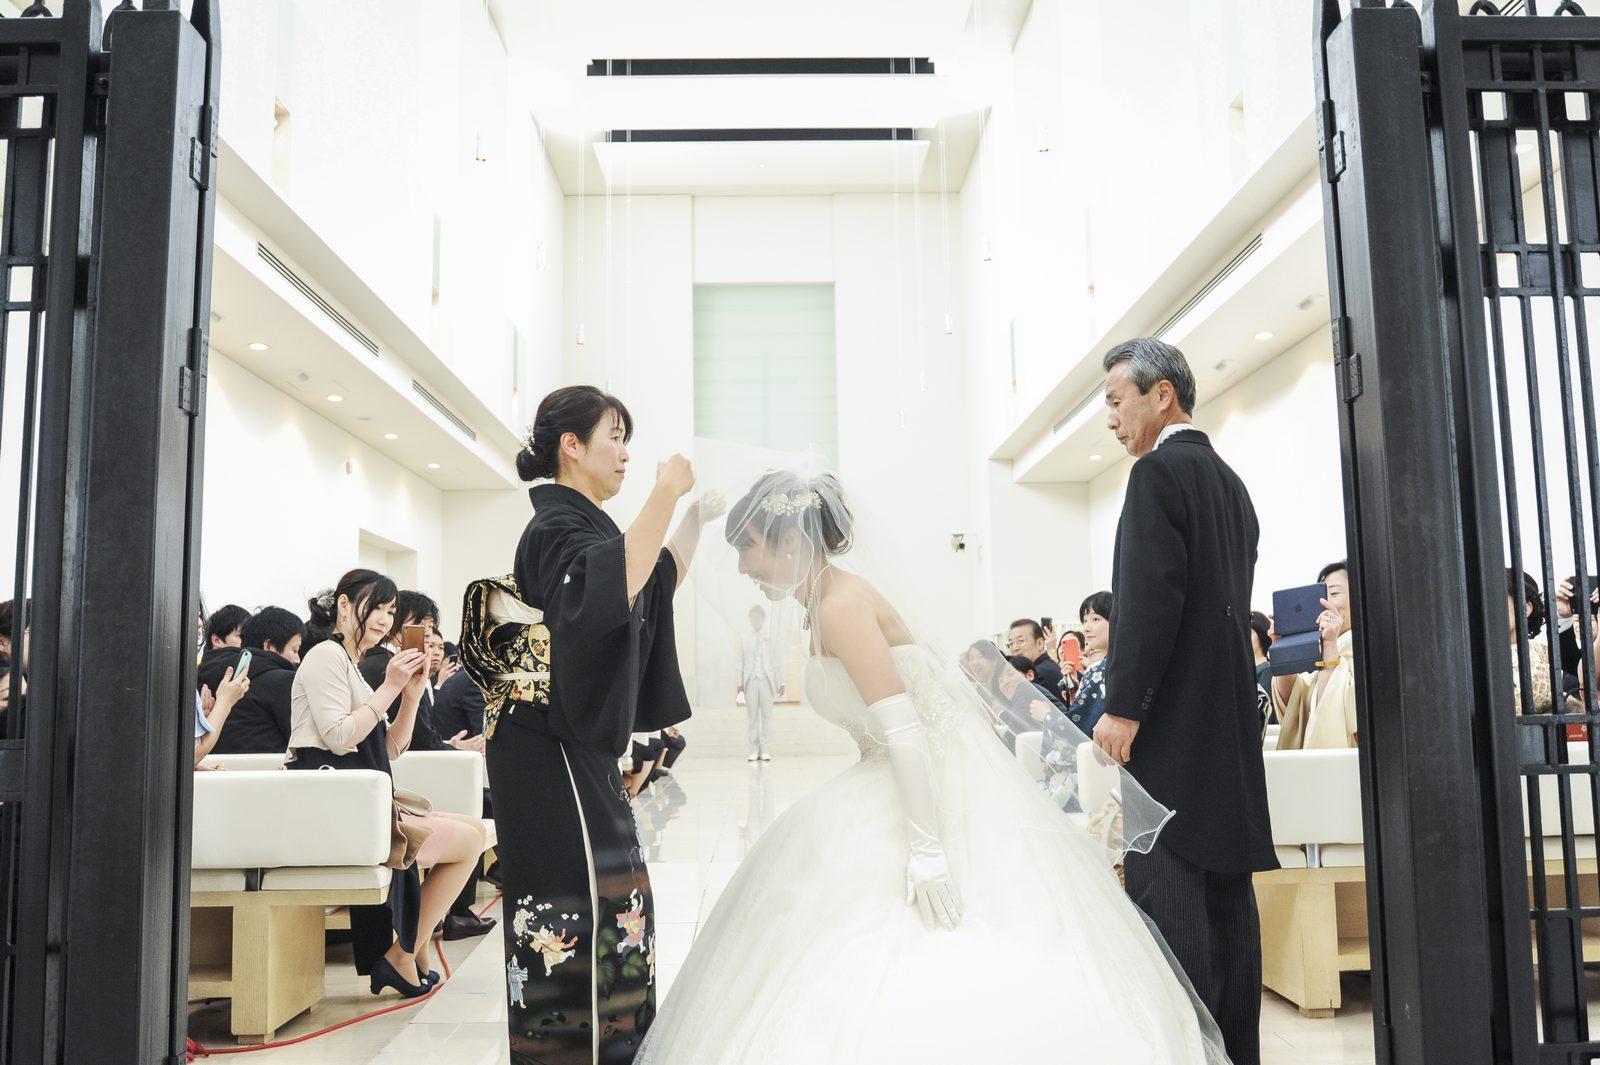 徳島市の結婚式場ブランアンジュで新婦母より新婦様へのベールダウン